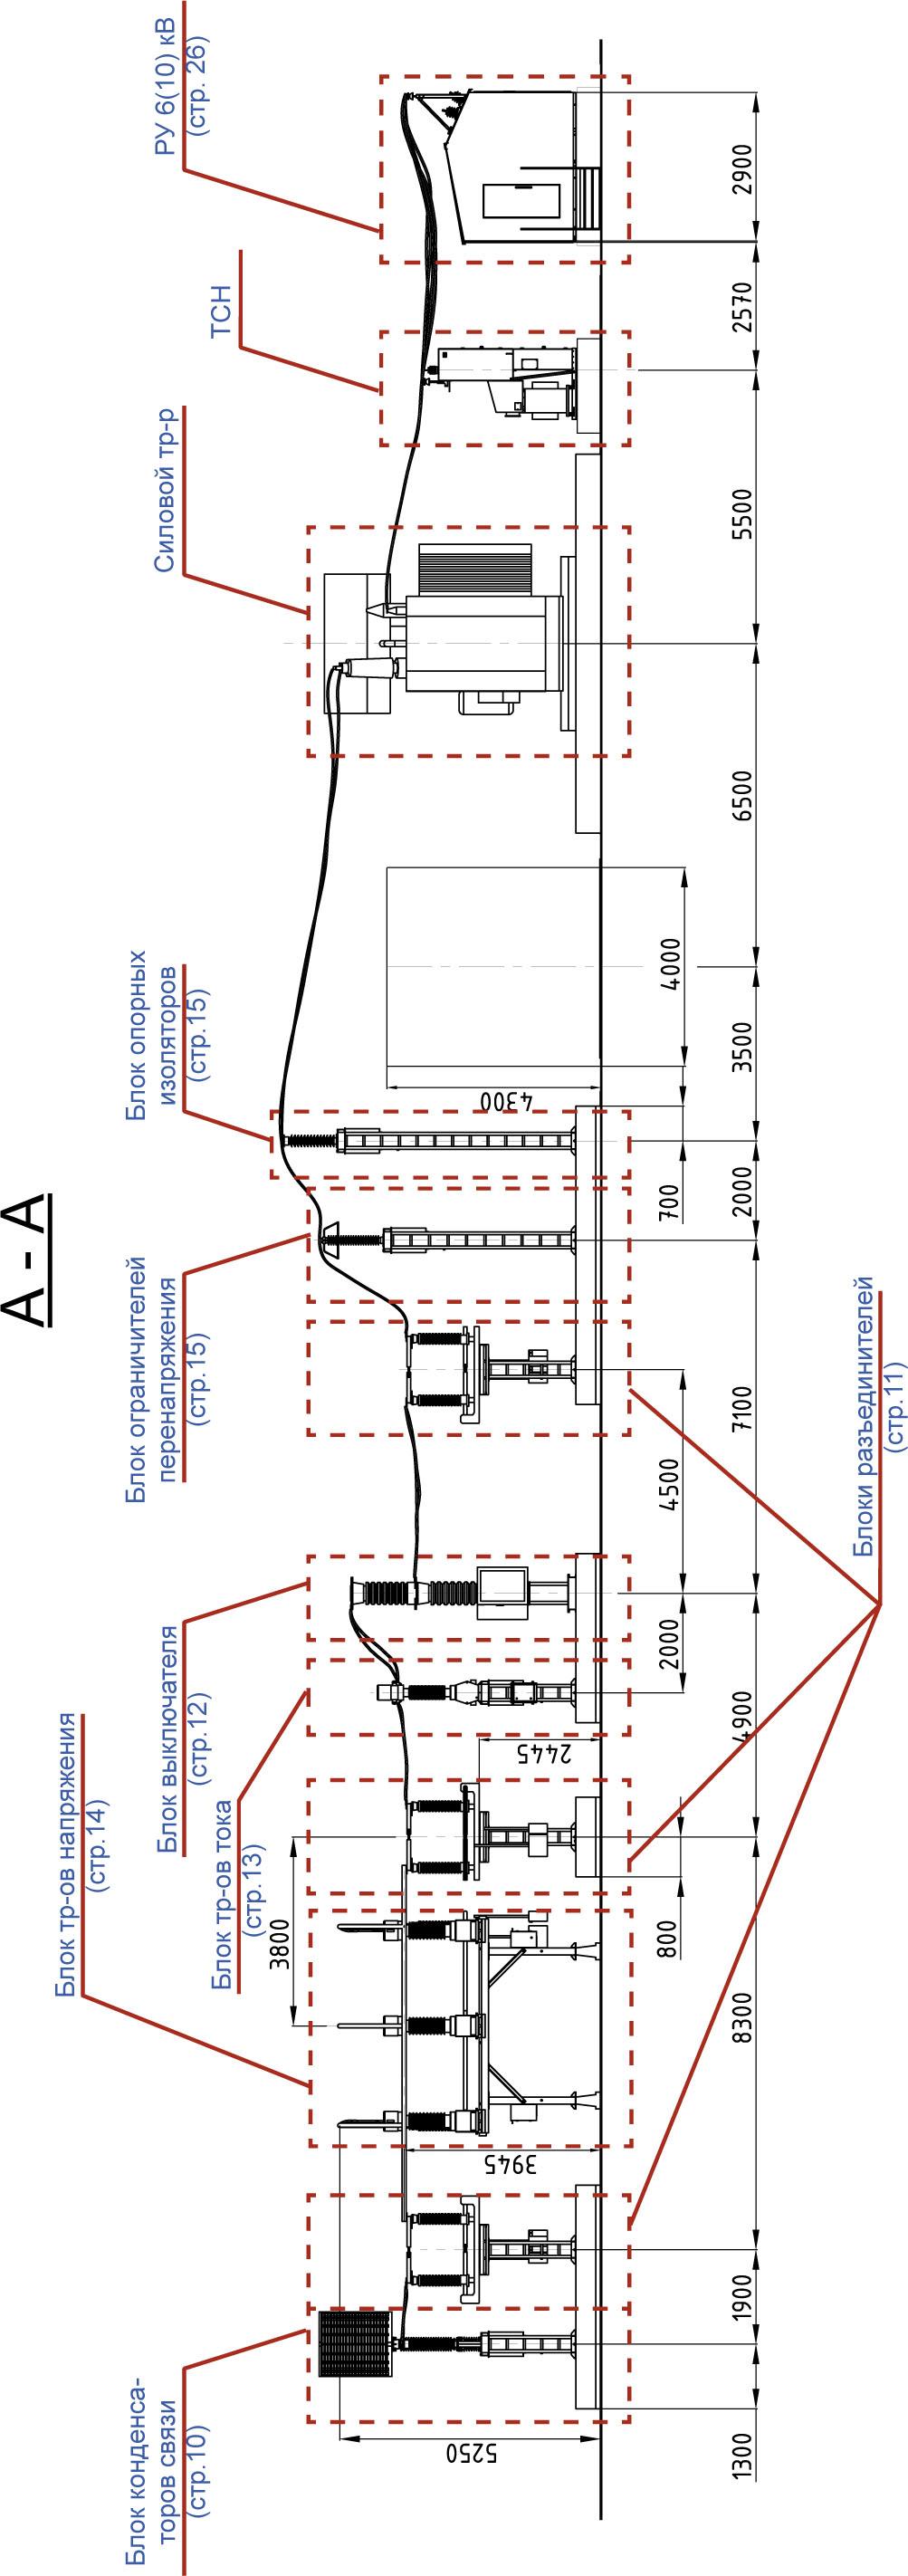 Вторичные схемы тяговых подстанций